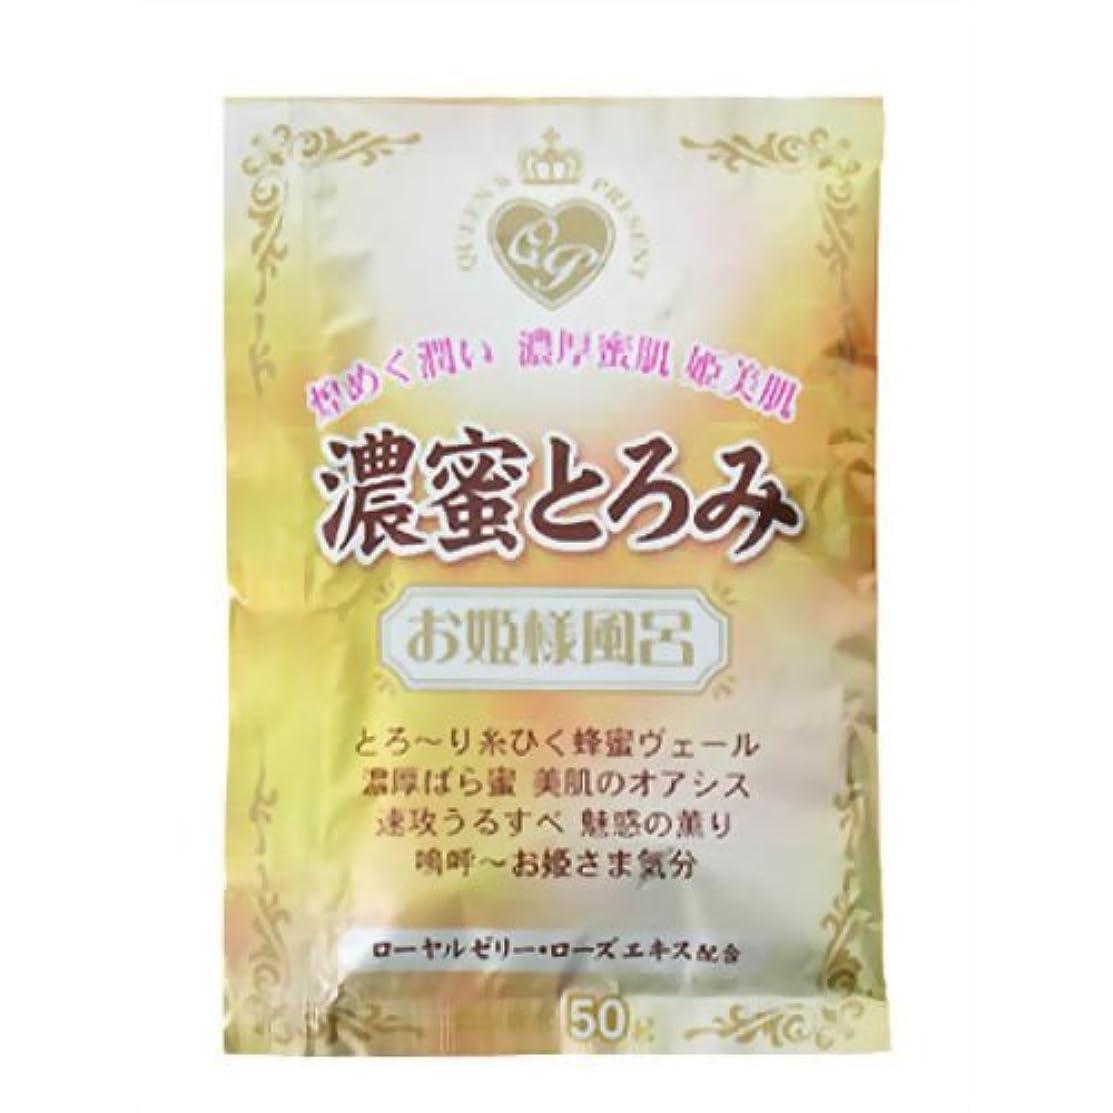 パスポート意識的歌紀陽除虫菊 お姫様風呂  濃密とろみ【まとめ買い12個セット】 N-8173